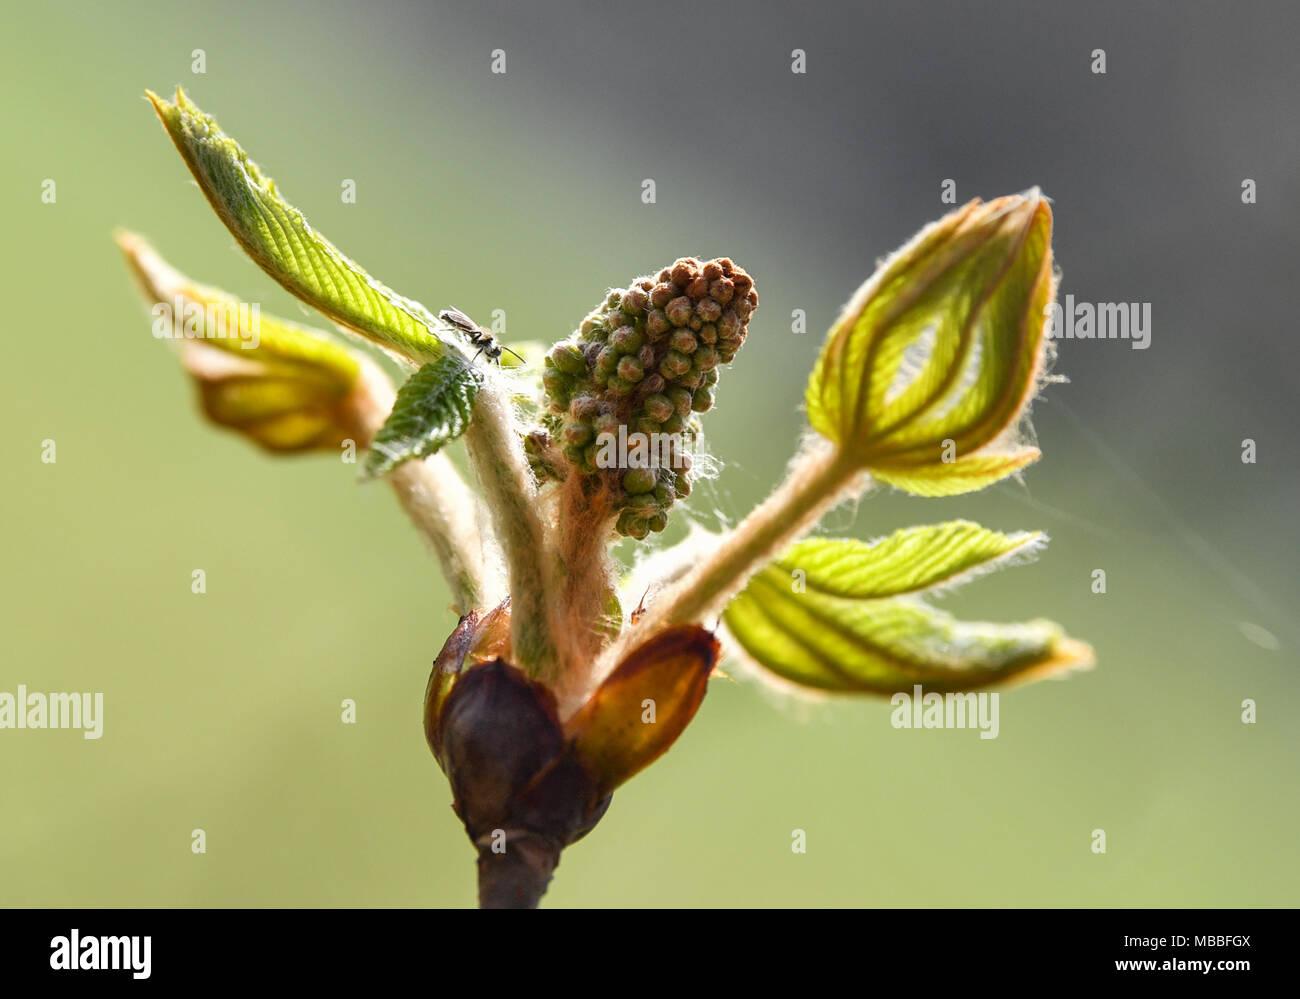 10 April 2018, Deutschland, Neuhardenberg: das Licht Grün einer chestnut Bud brilliert im Schlosspark. Heute ist ein warmer Frühling Tag mit 20 Grad nach Angaben der Meteorologen zu sein. Foto: Patrick Pleul/dpa-Zentralbild/dpa Stockfoto